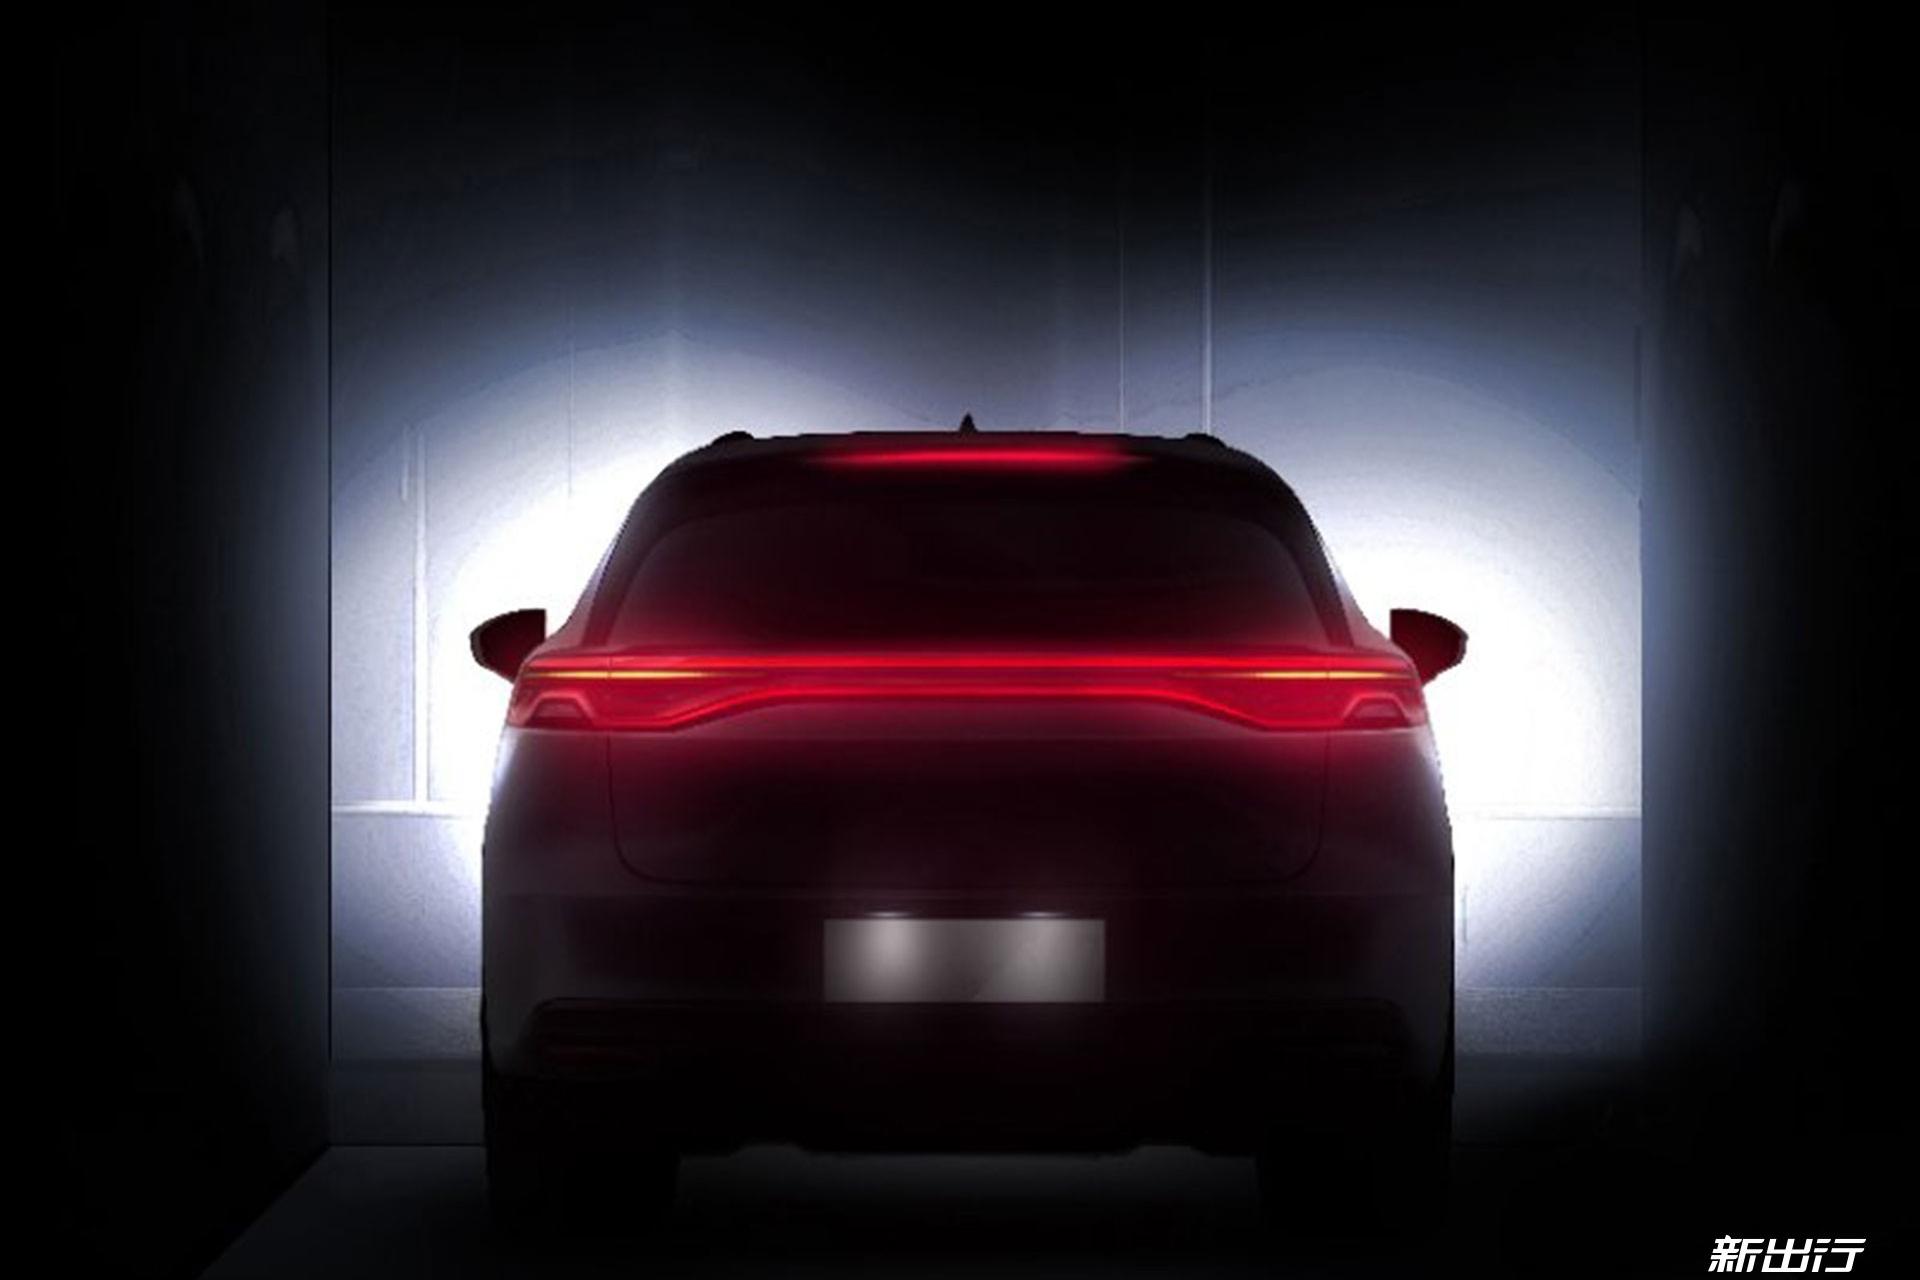 各种 LED 灯组是亮点 比亚迪发布全新一代 SUV 预告图